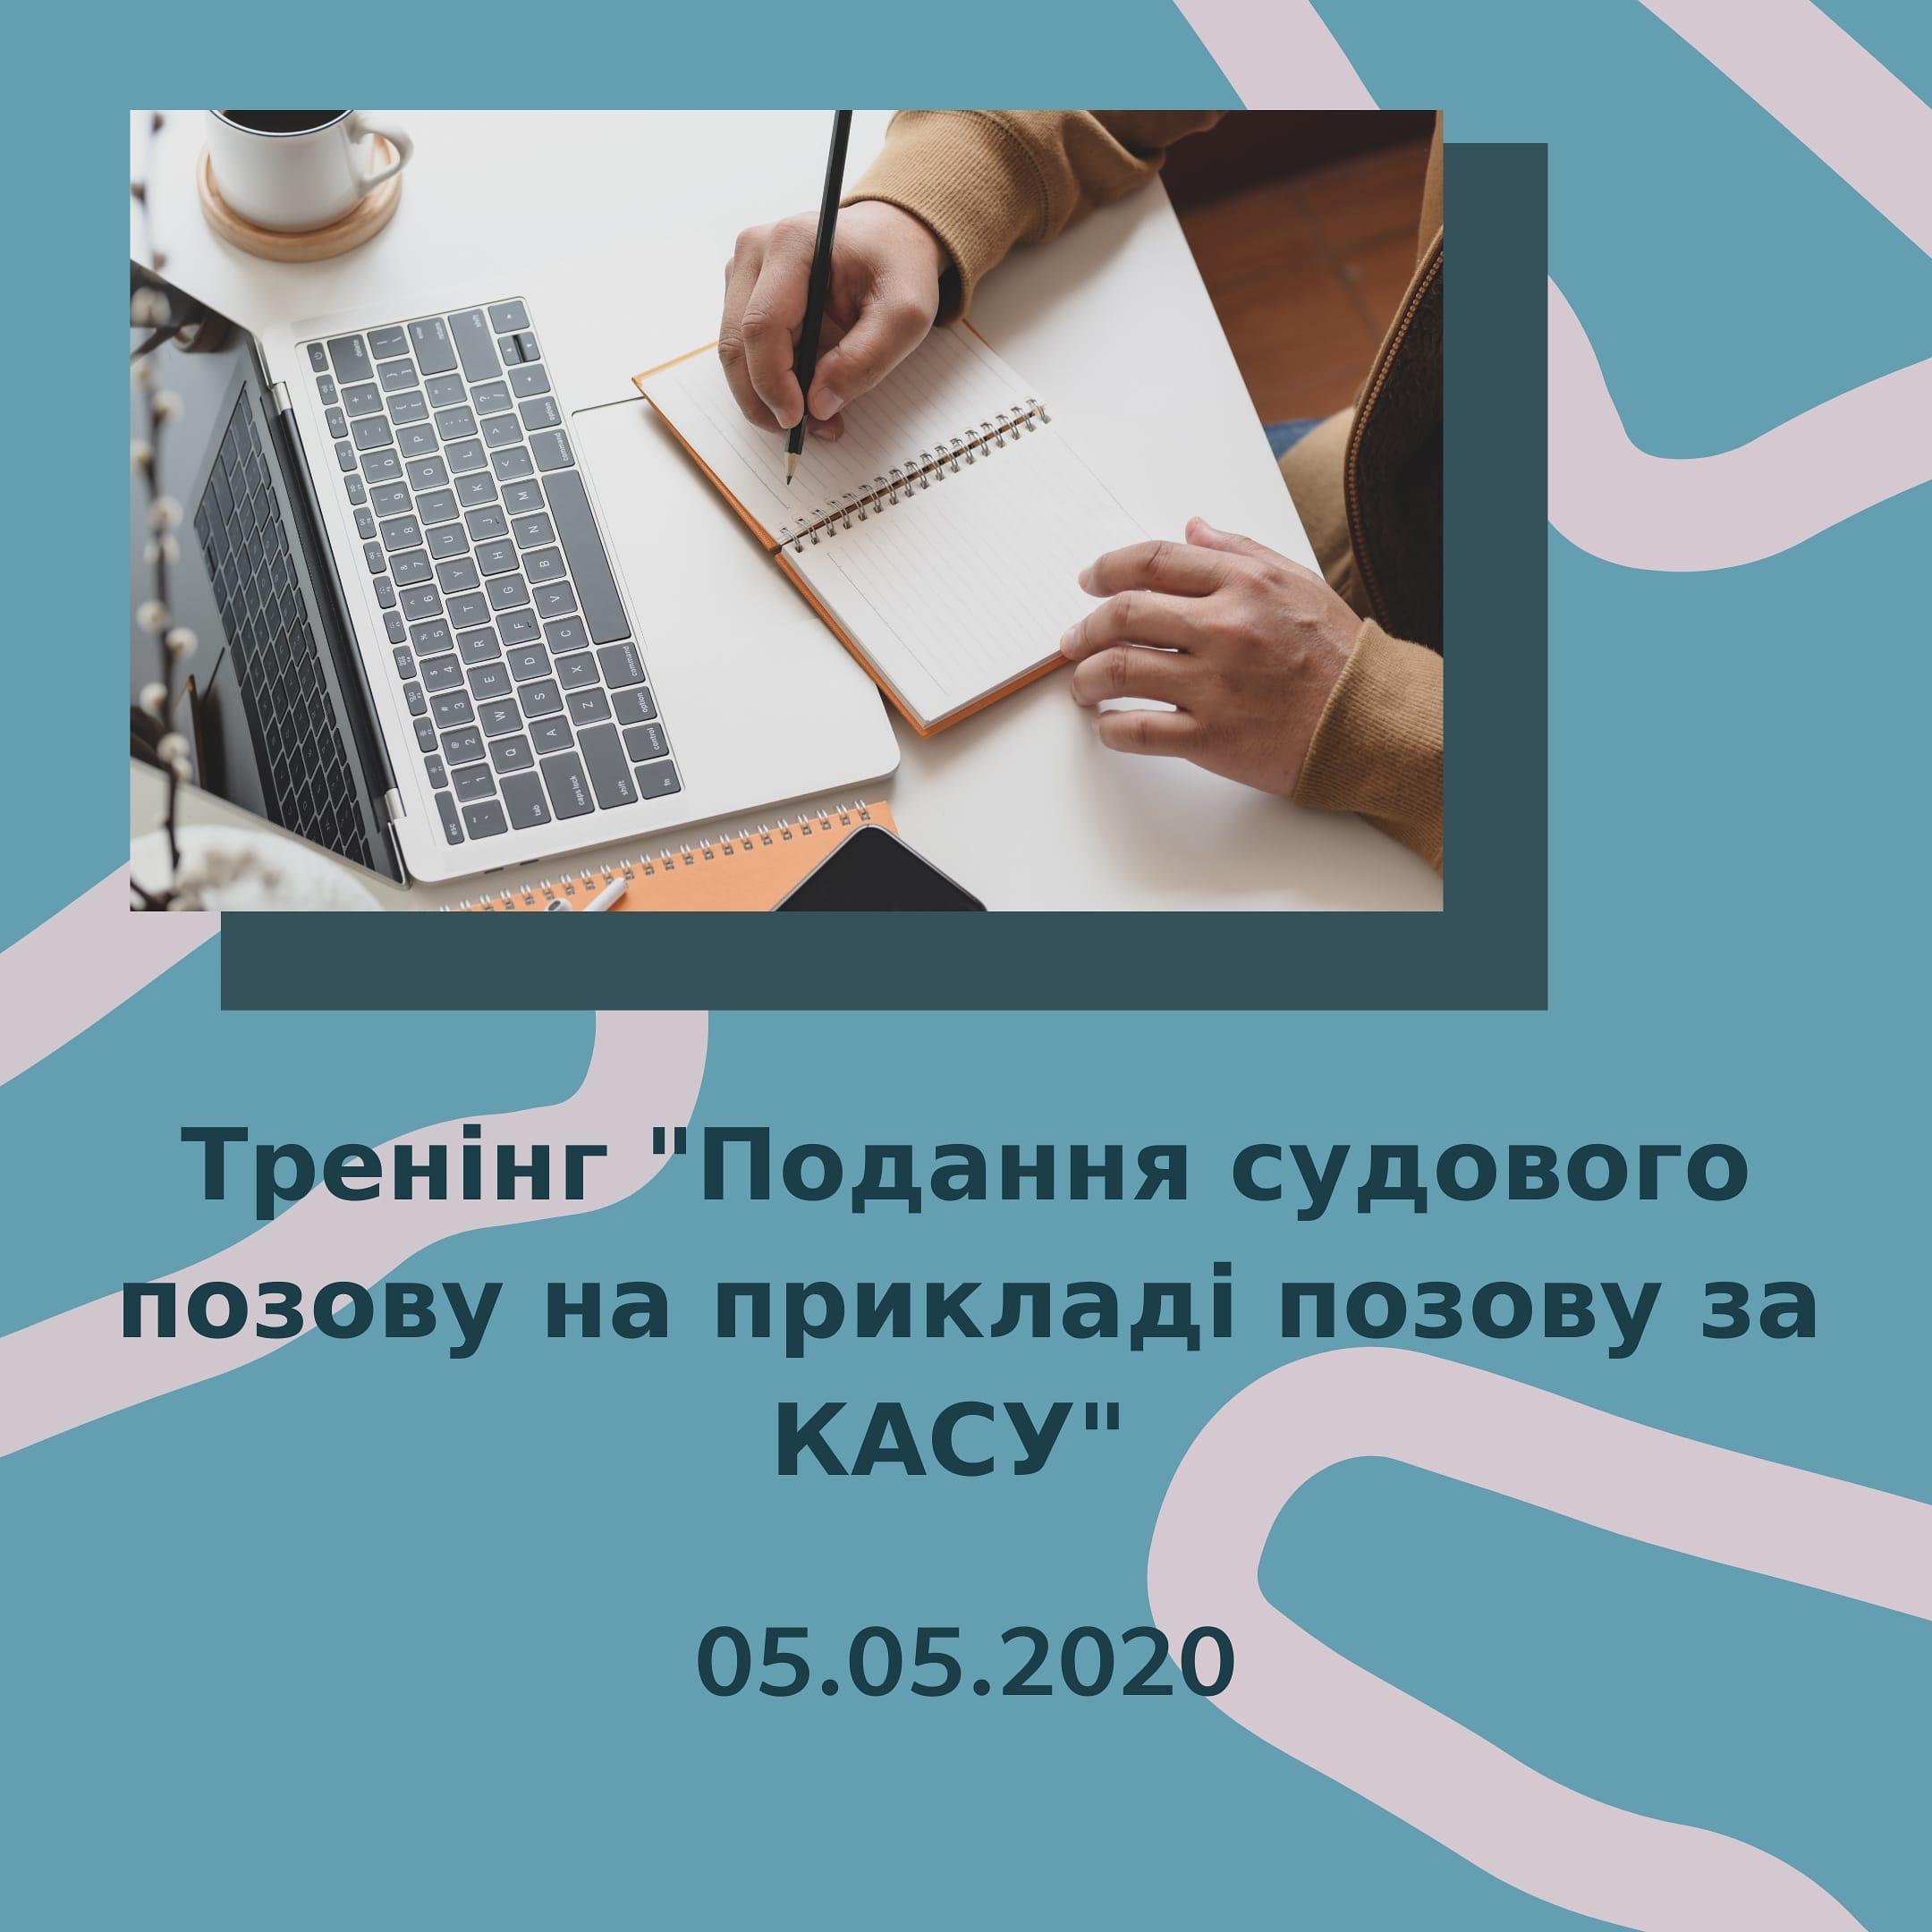 """Тренінг """"Подання судового позову на прикладі позову за Кодексом Адміністративного судочинства України"""""""